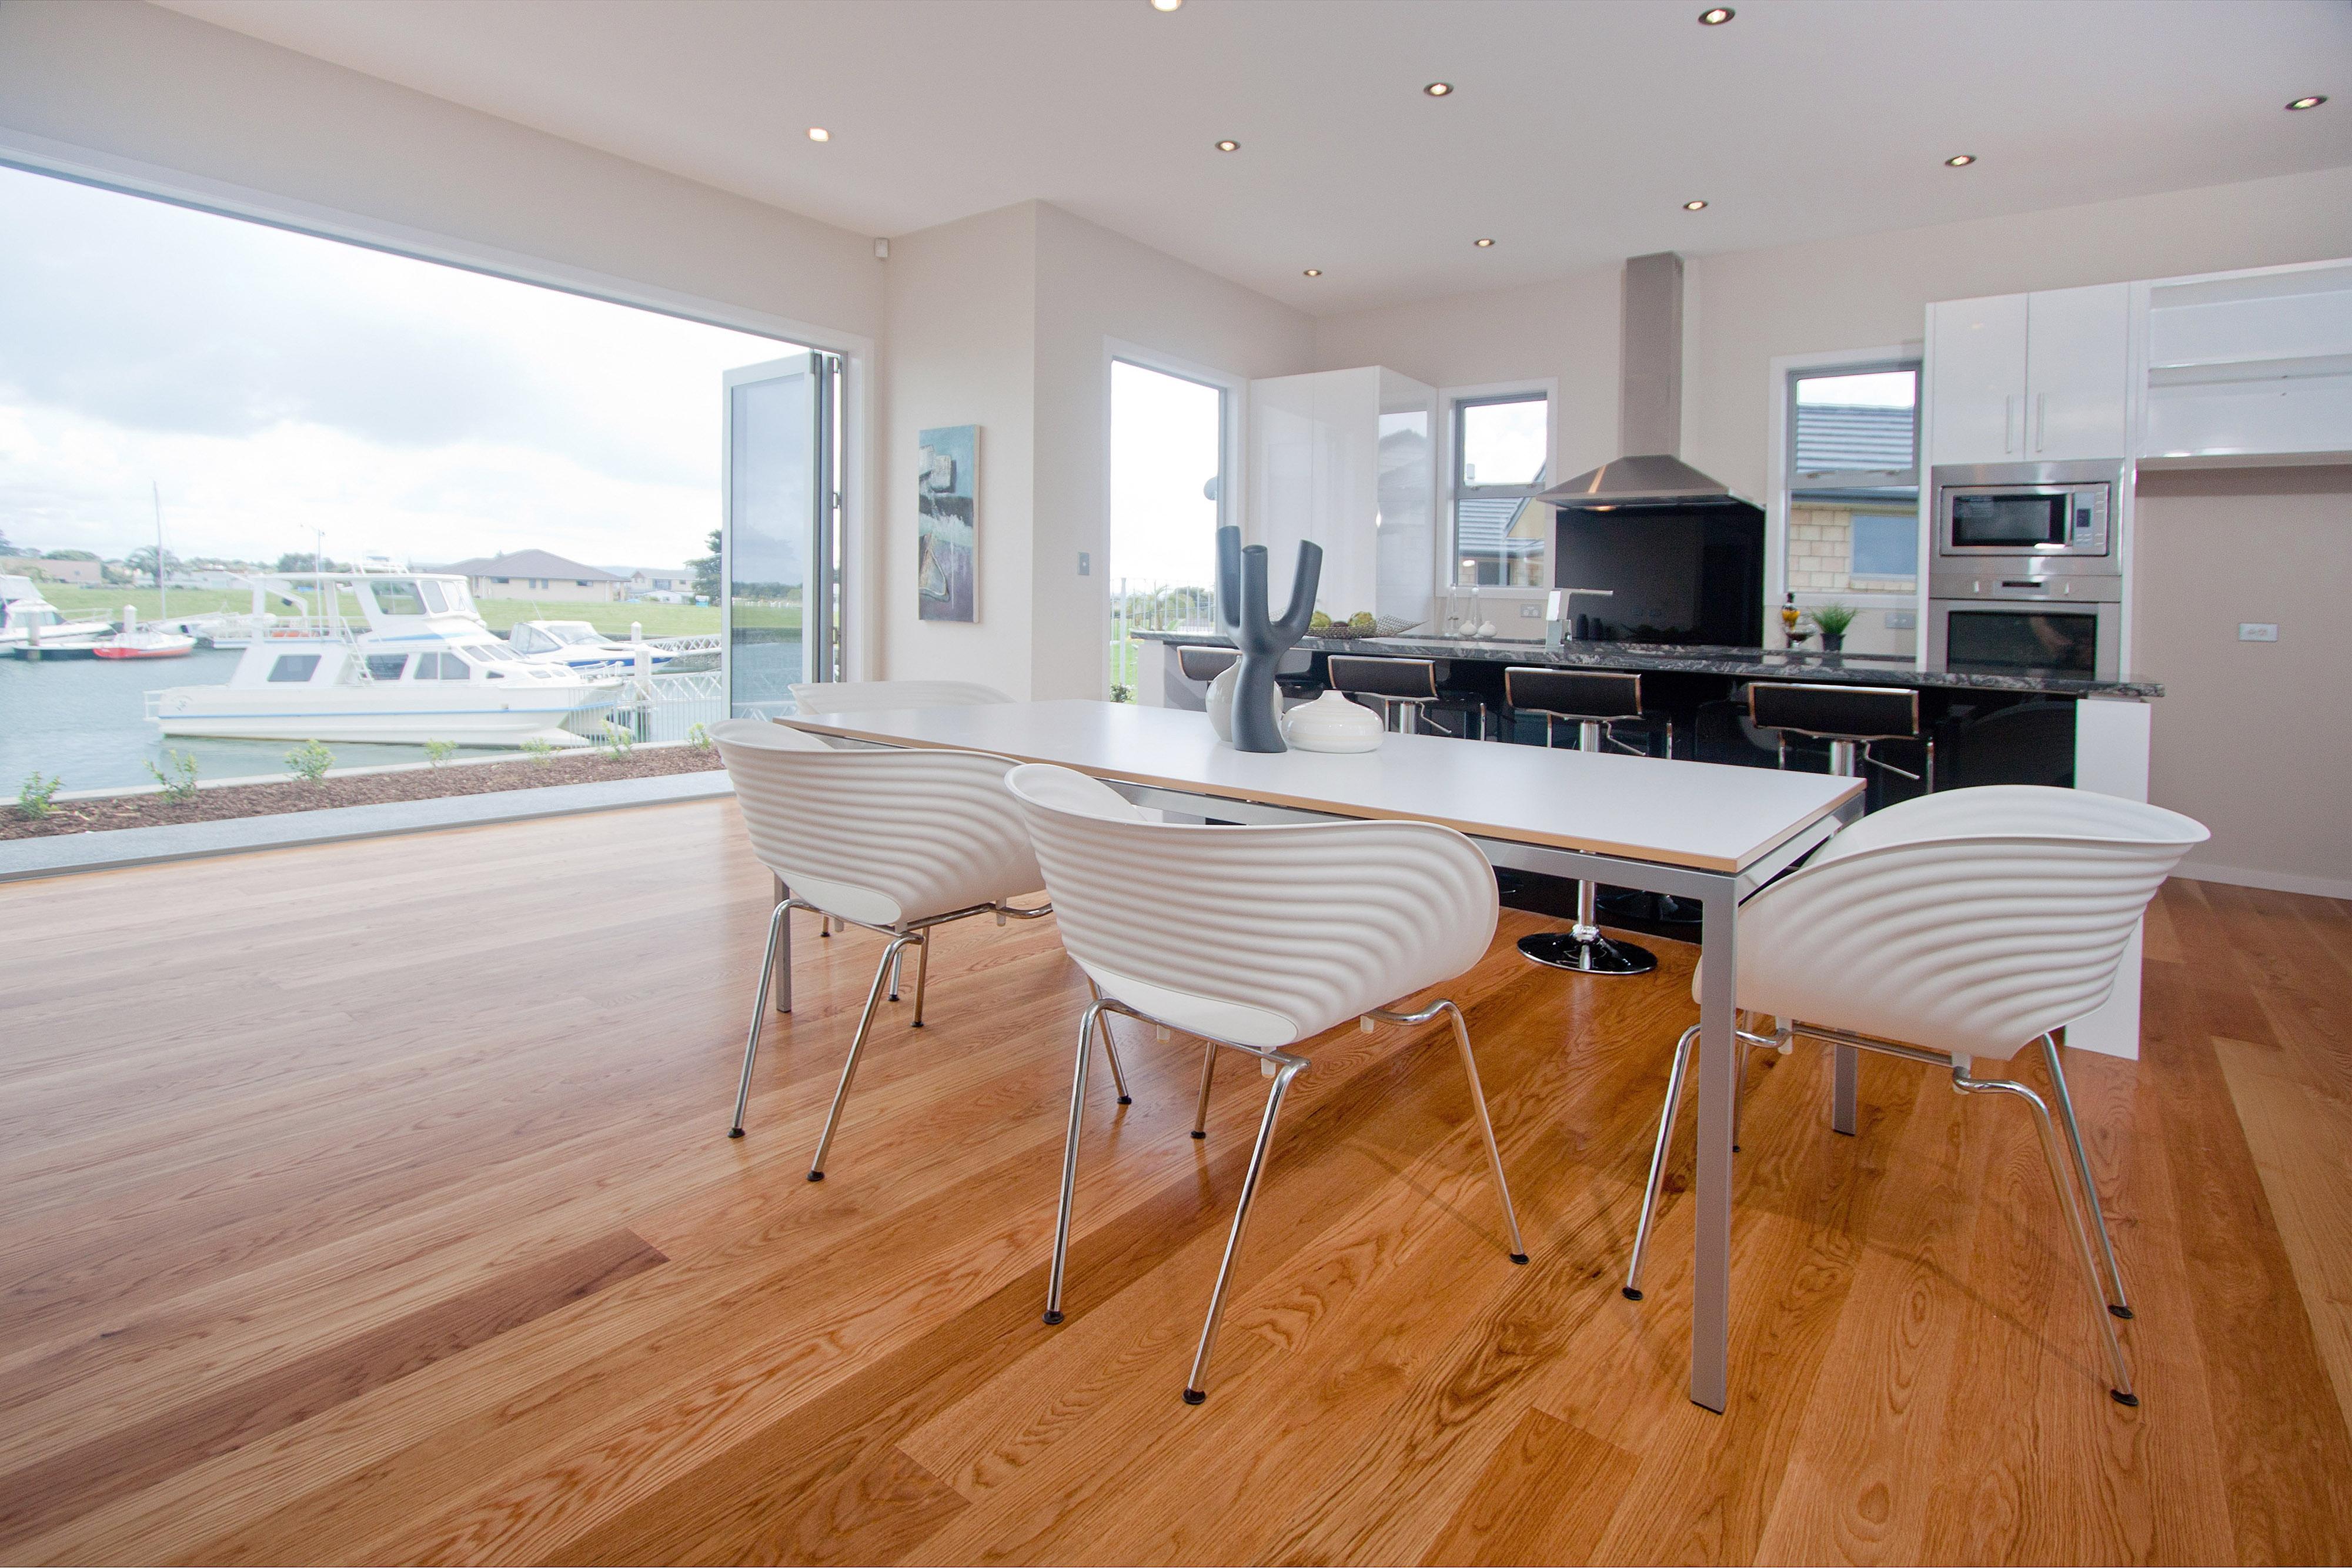 New Hard wood floor